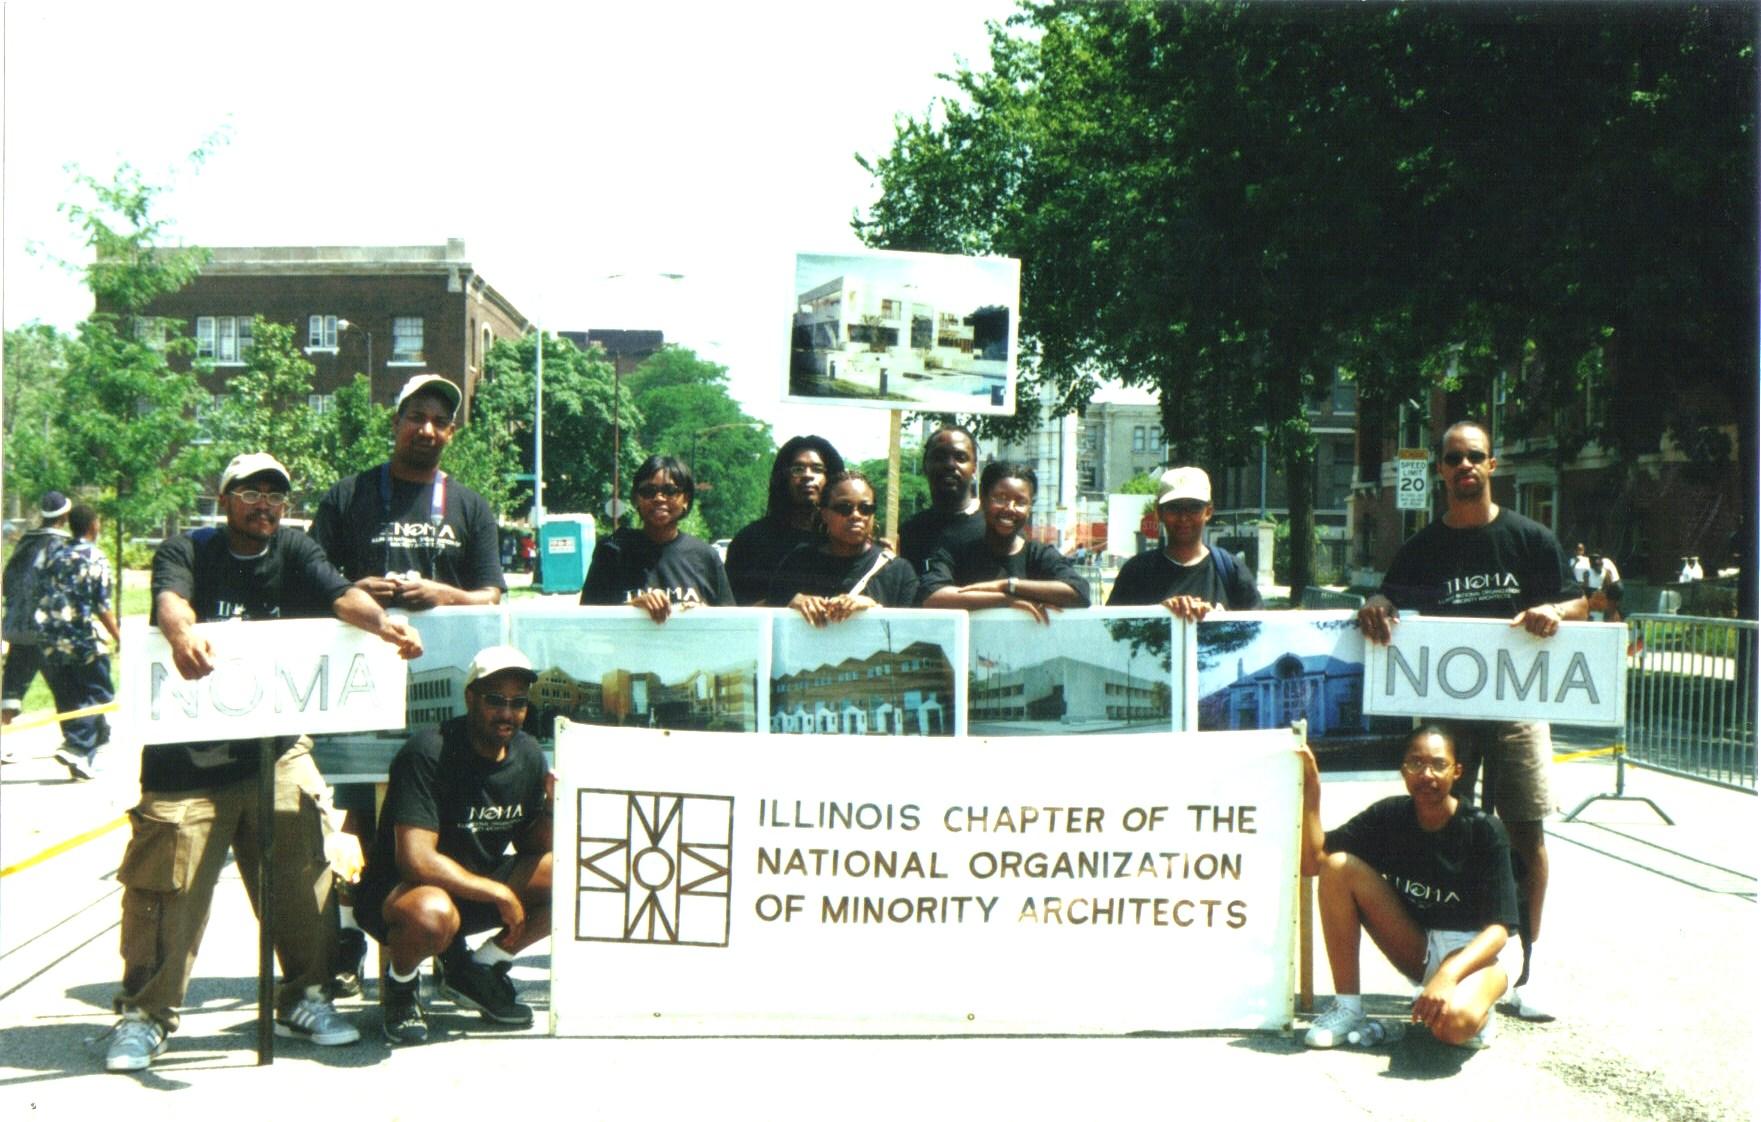 2000 - Bud Billiken Day Parade